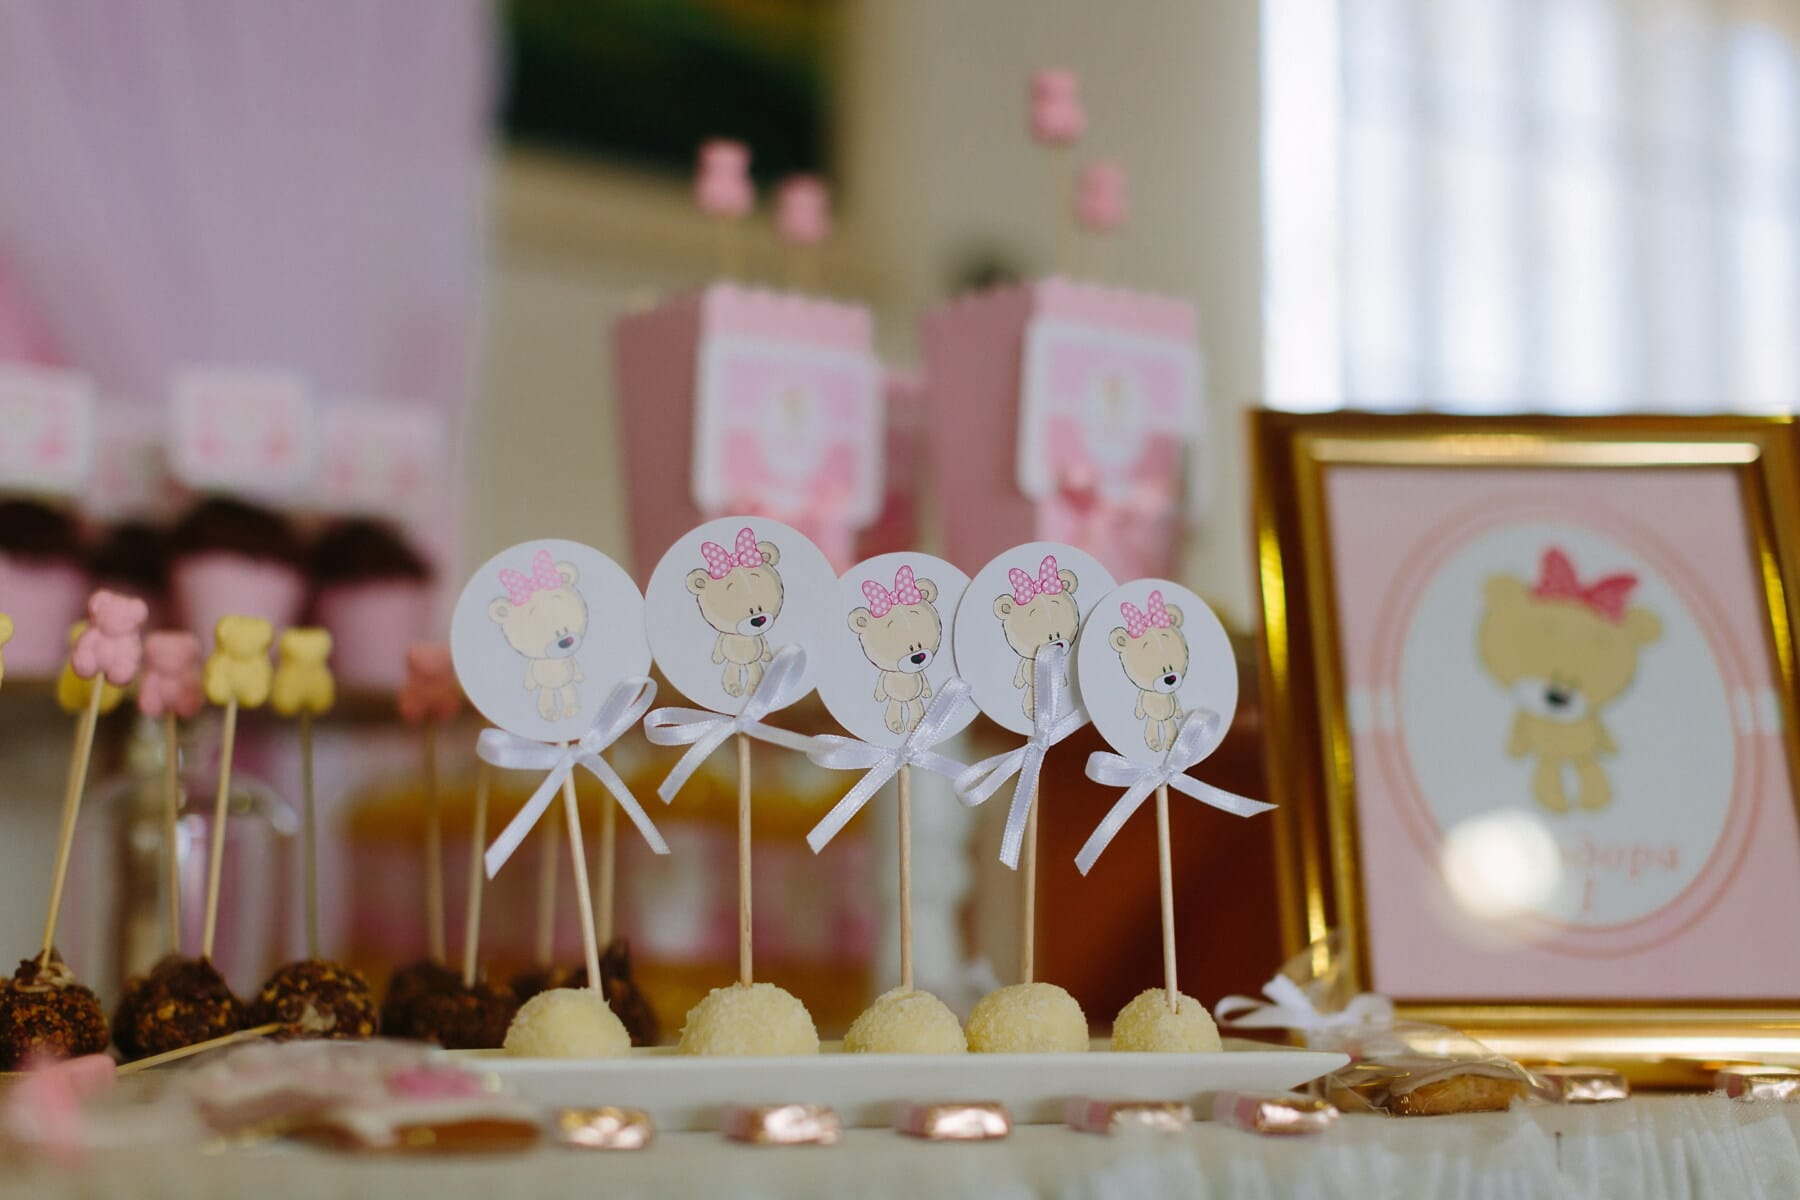 décoratifs, anniversaire, bonbons, la sucette, maison, bougie, à l'intérieur, célébration, parti, Design d'intérieur